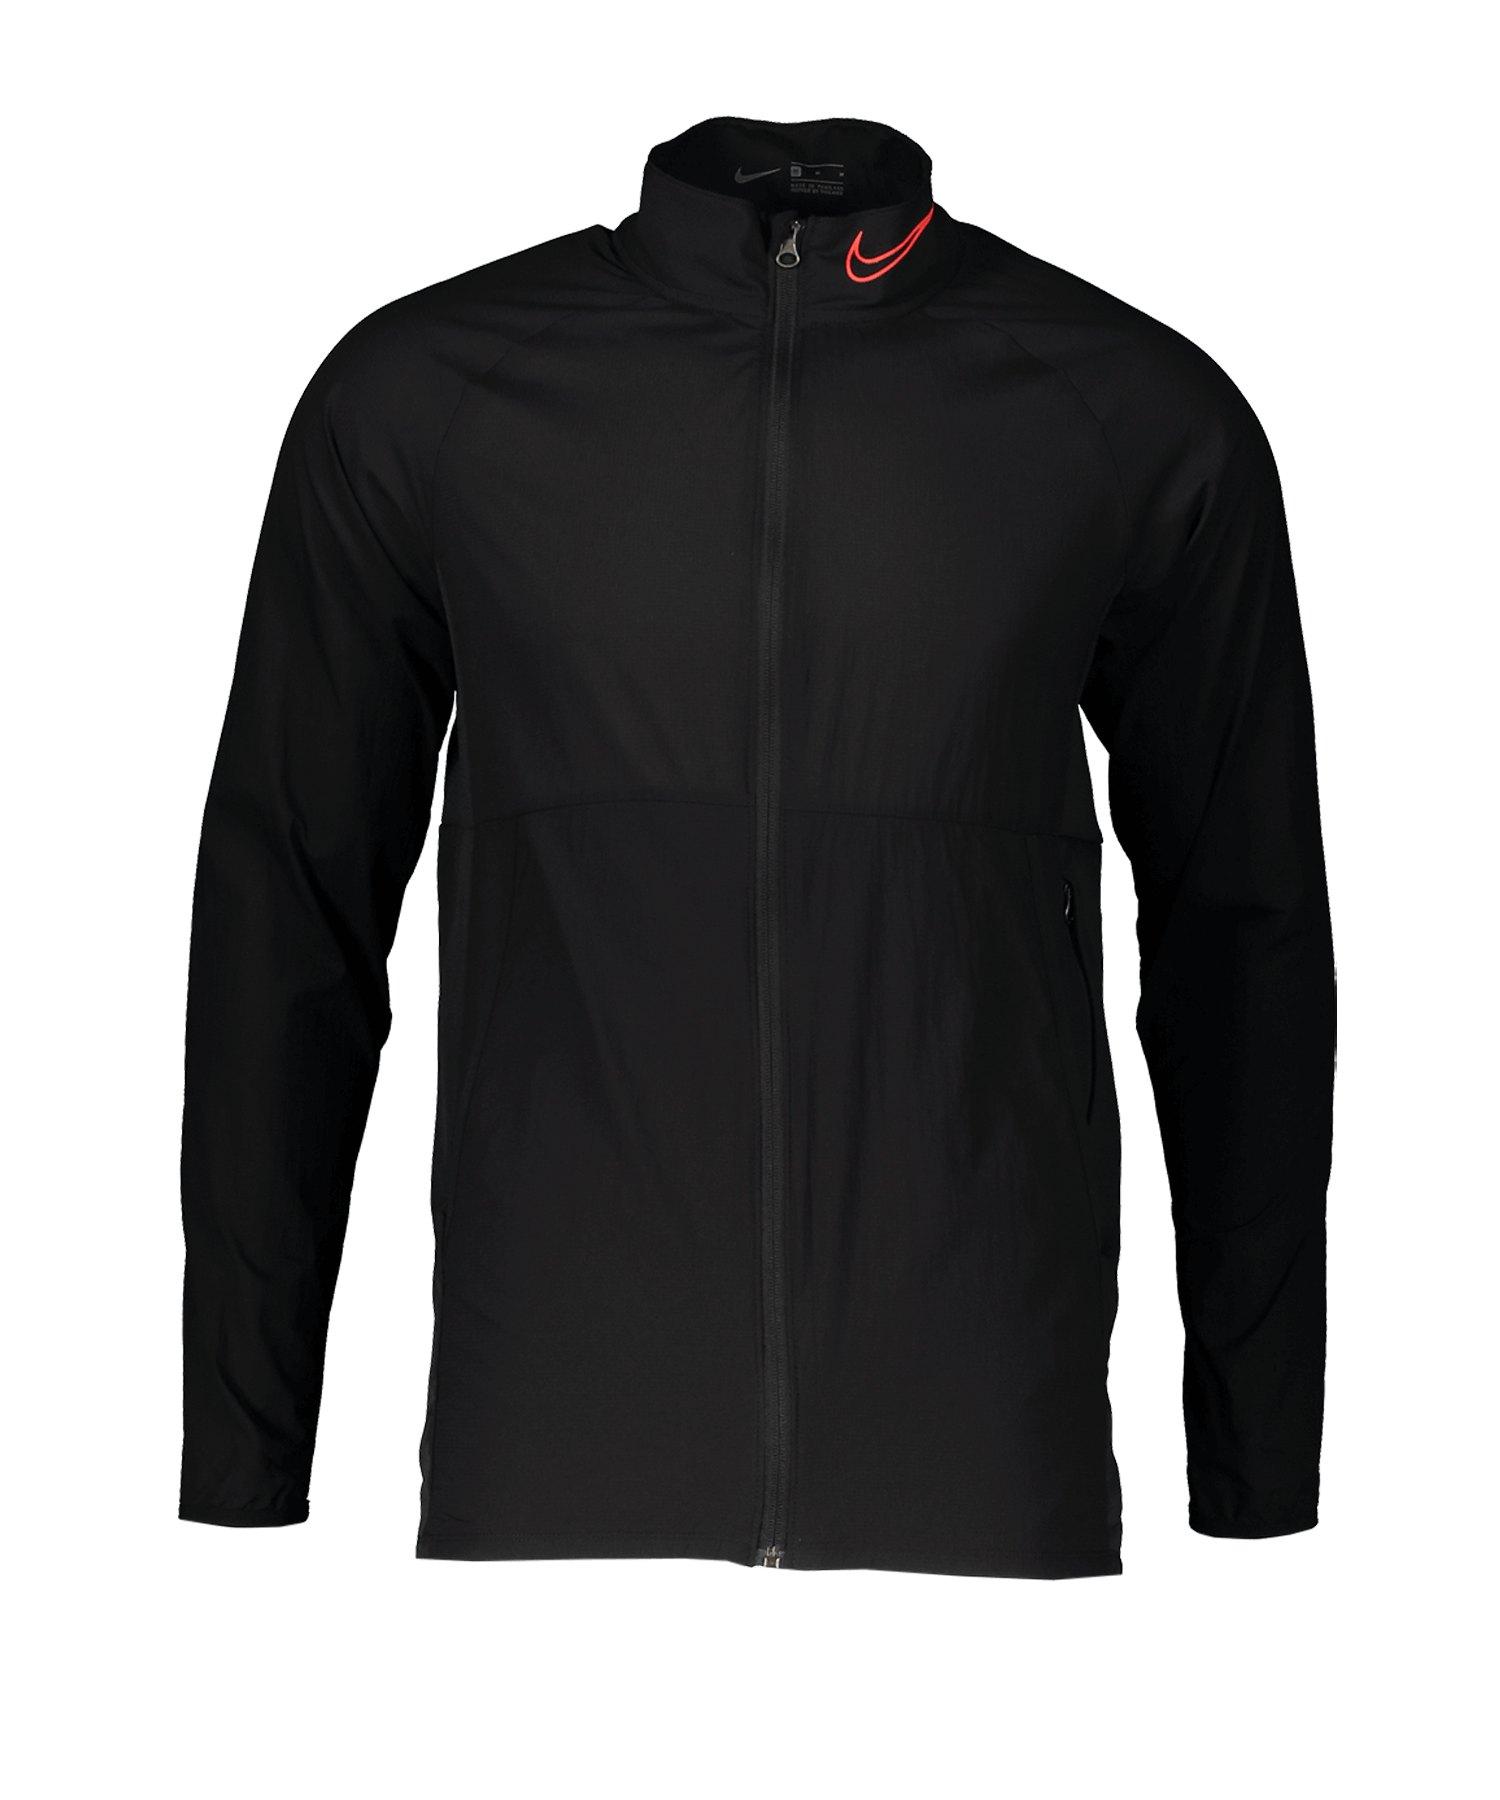 Nike Academy One Germany Jacke Schwarz F013 - schwarz